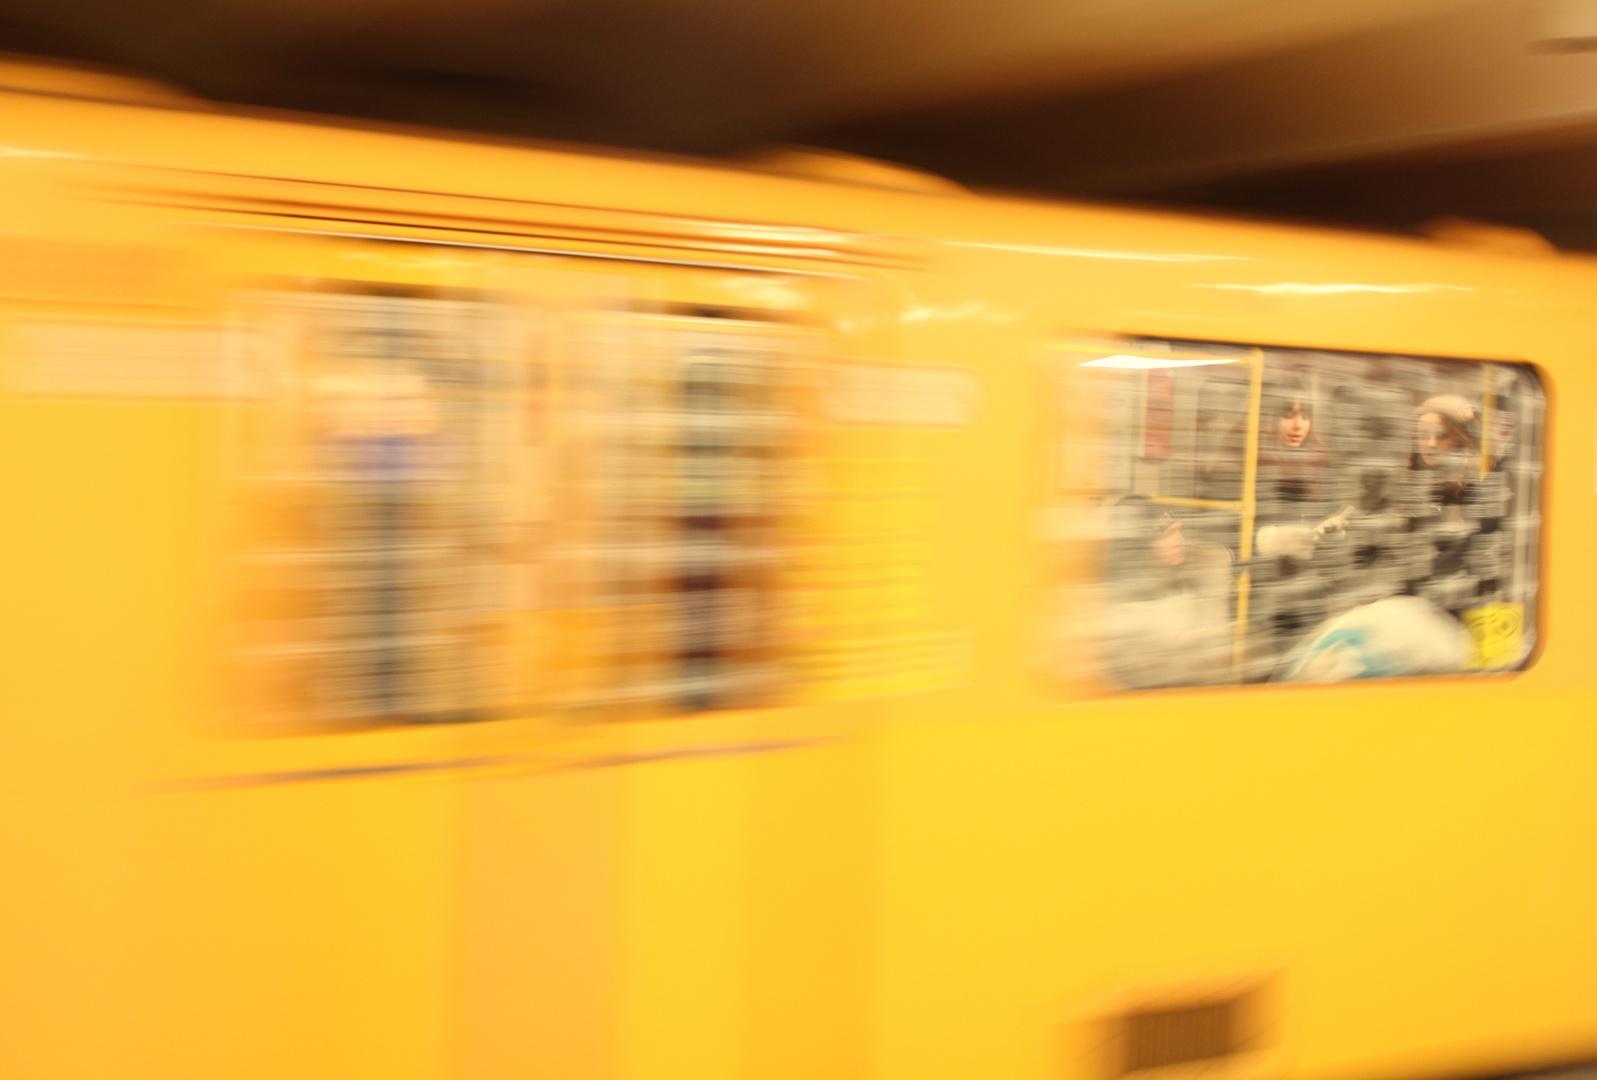 Gesichter in der U-Bahn